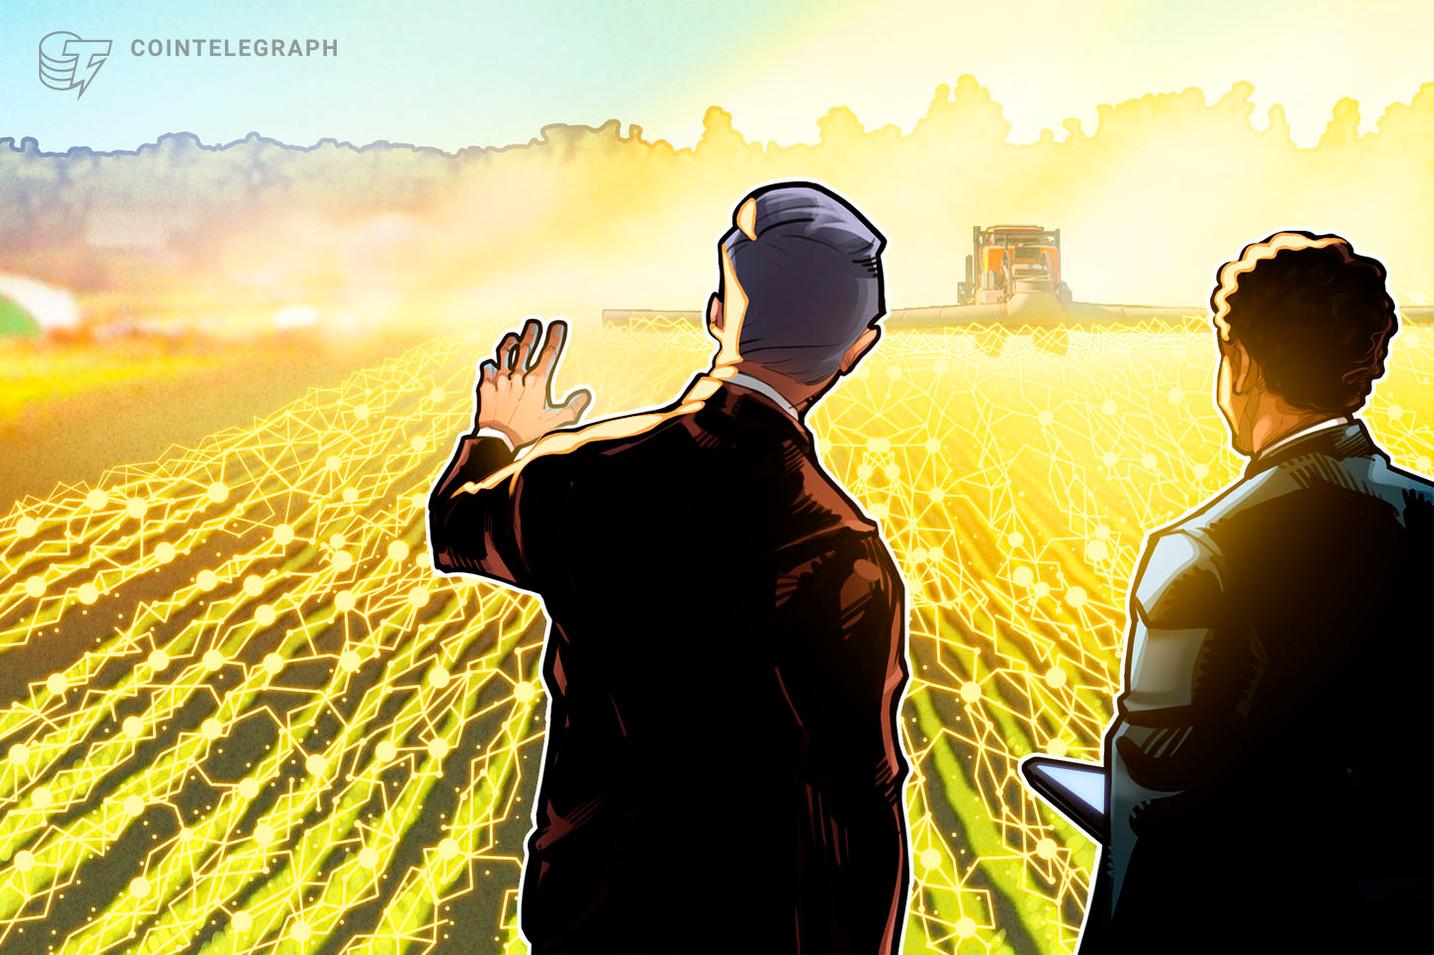 Plataforma de seguros baseada em blockchain e voltada para agricultores é lançada no Sri Lanka